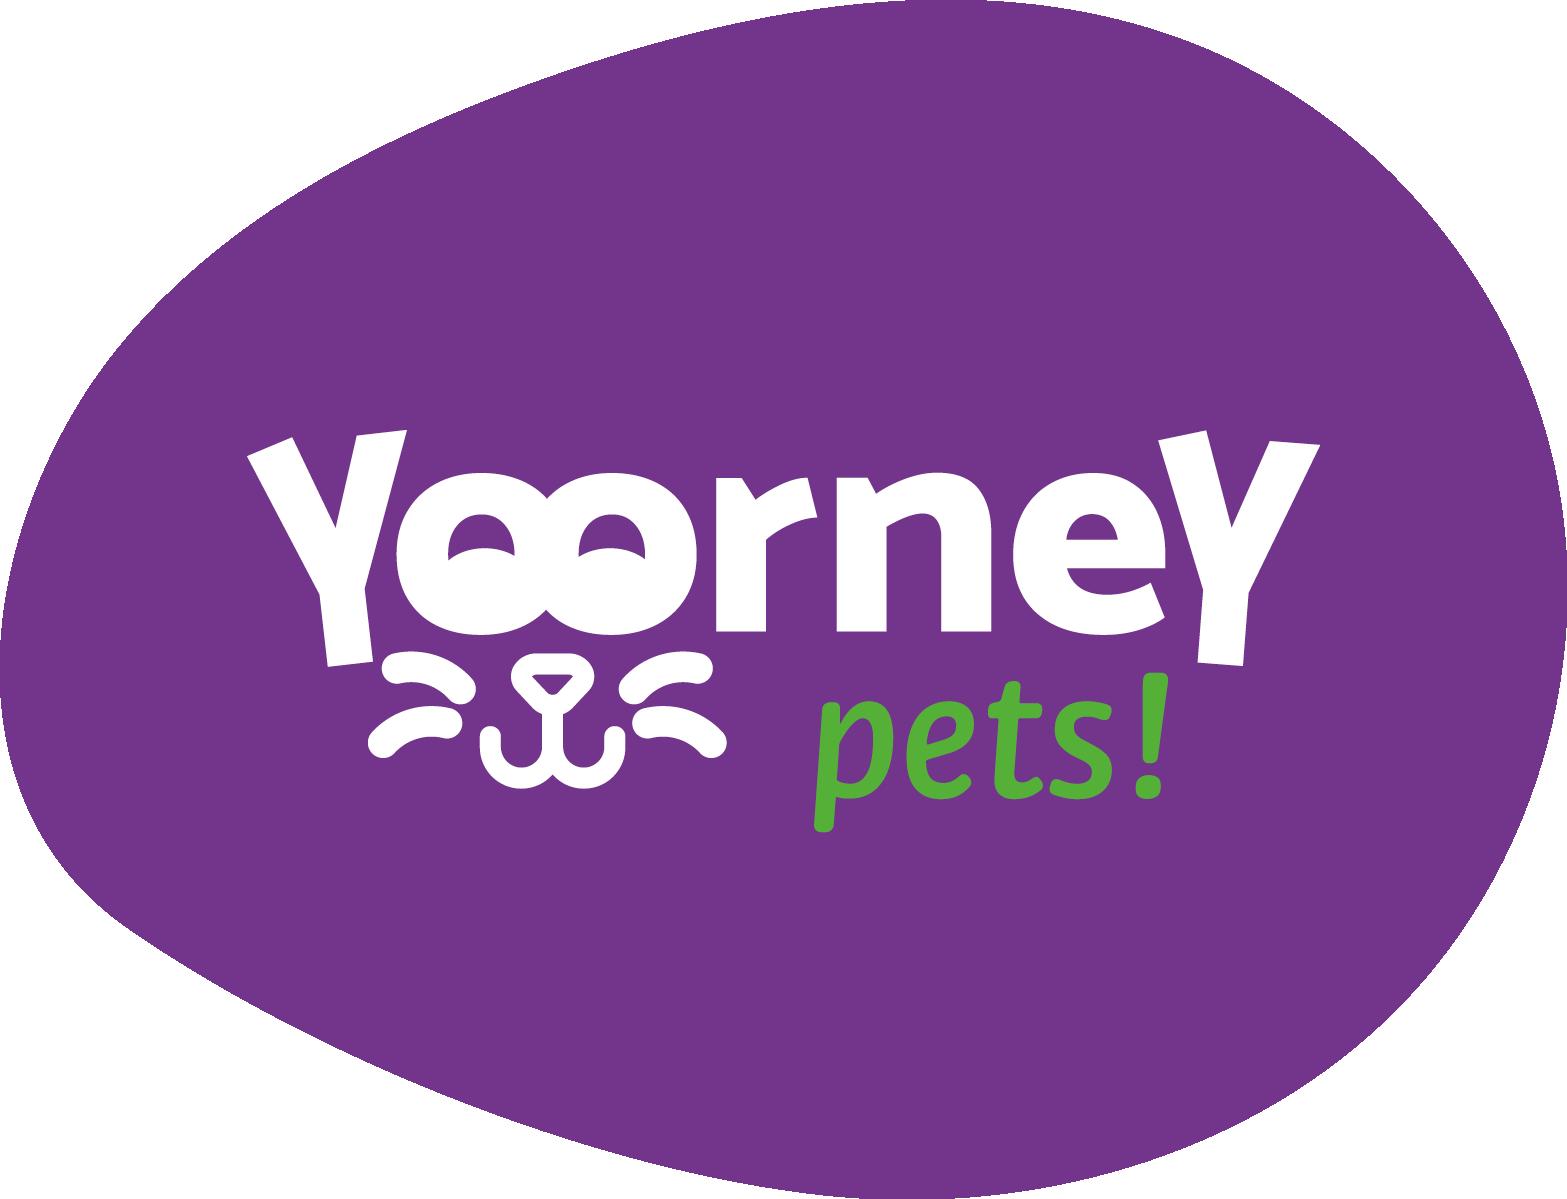 logotipo_pets_yoorney.png